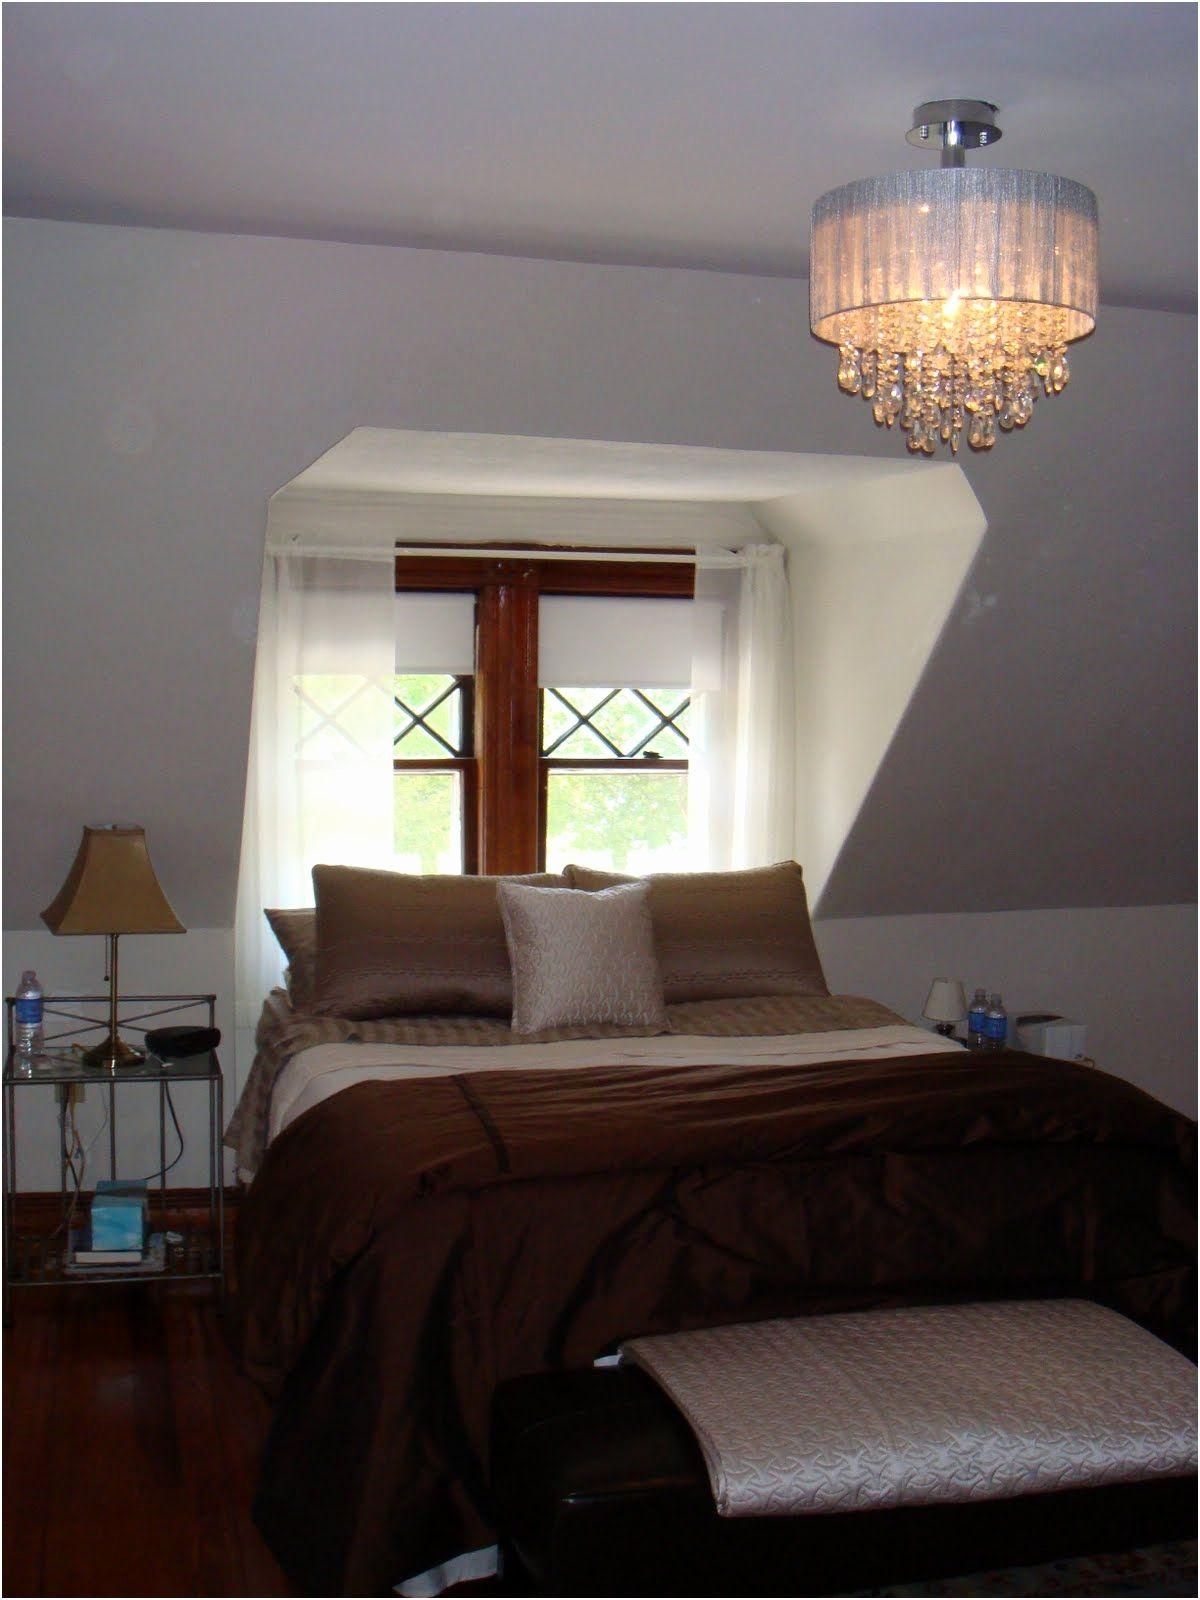 Zimmer Deckenleuchten Alle Schwarz Kronleuchter